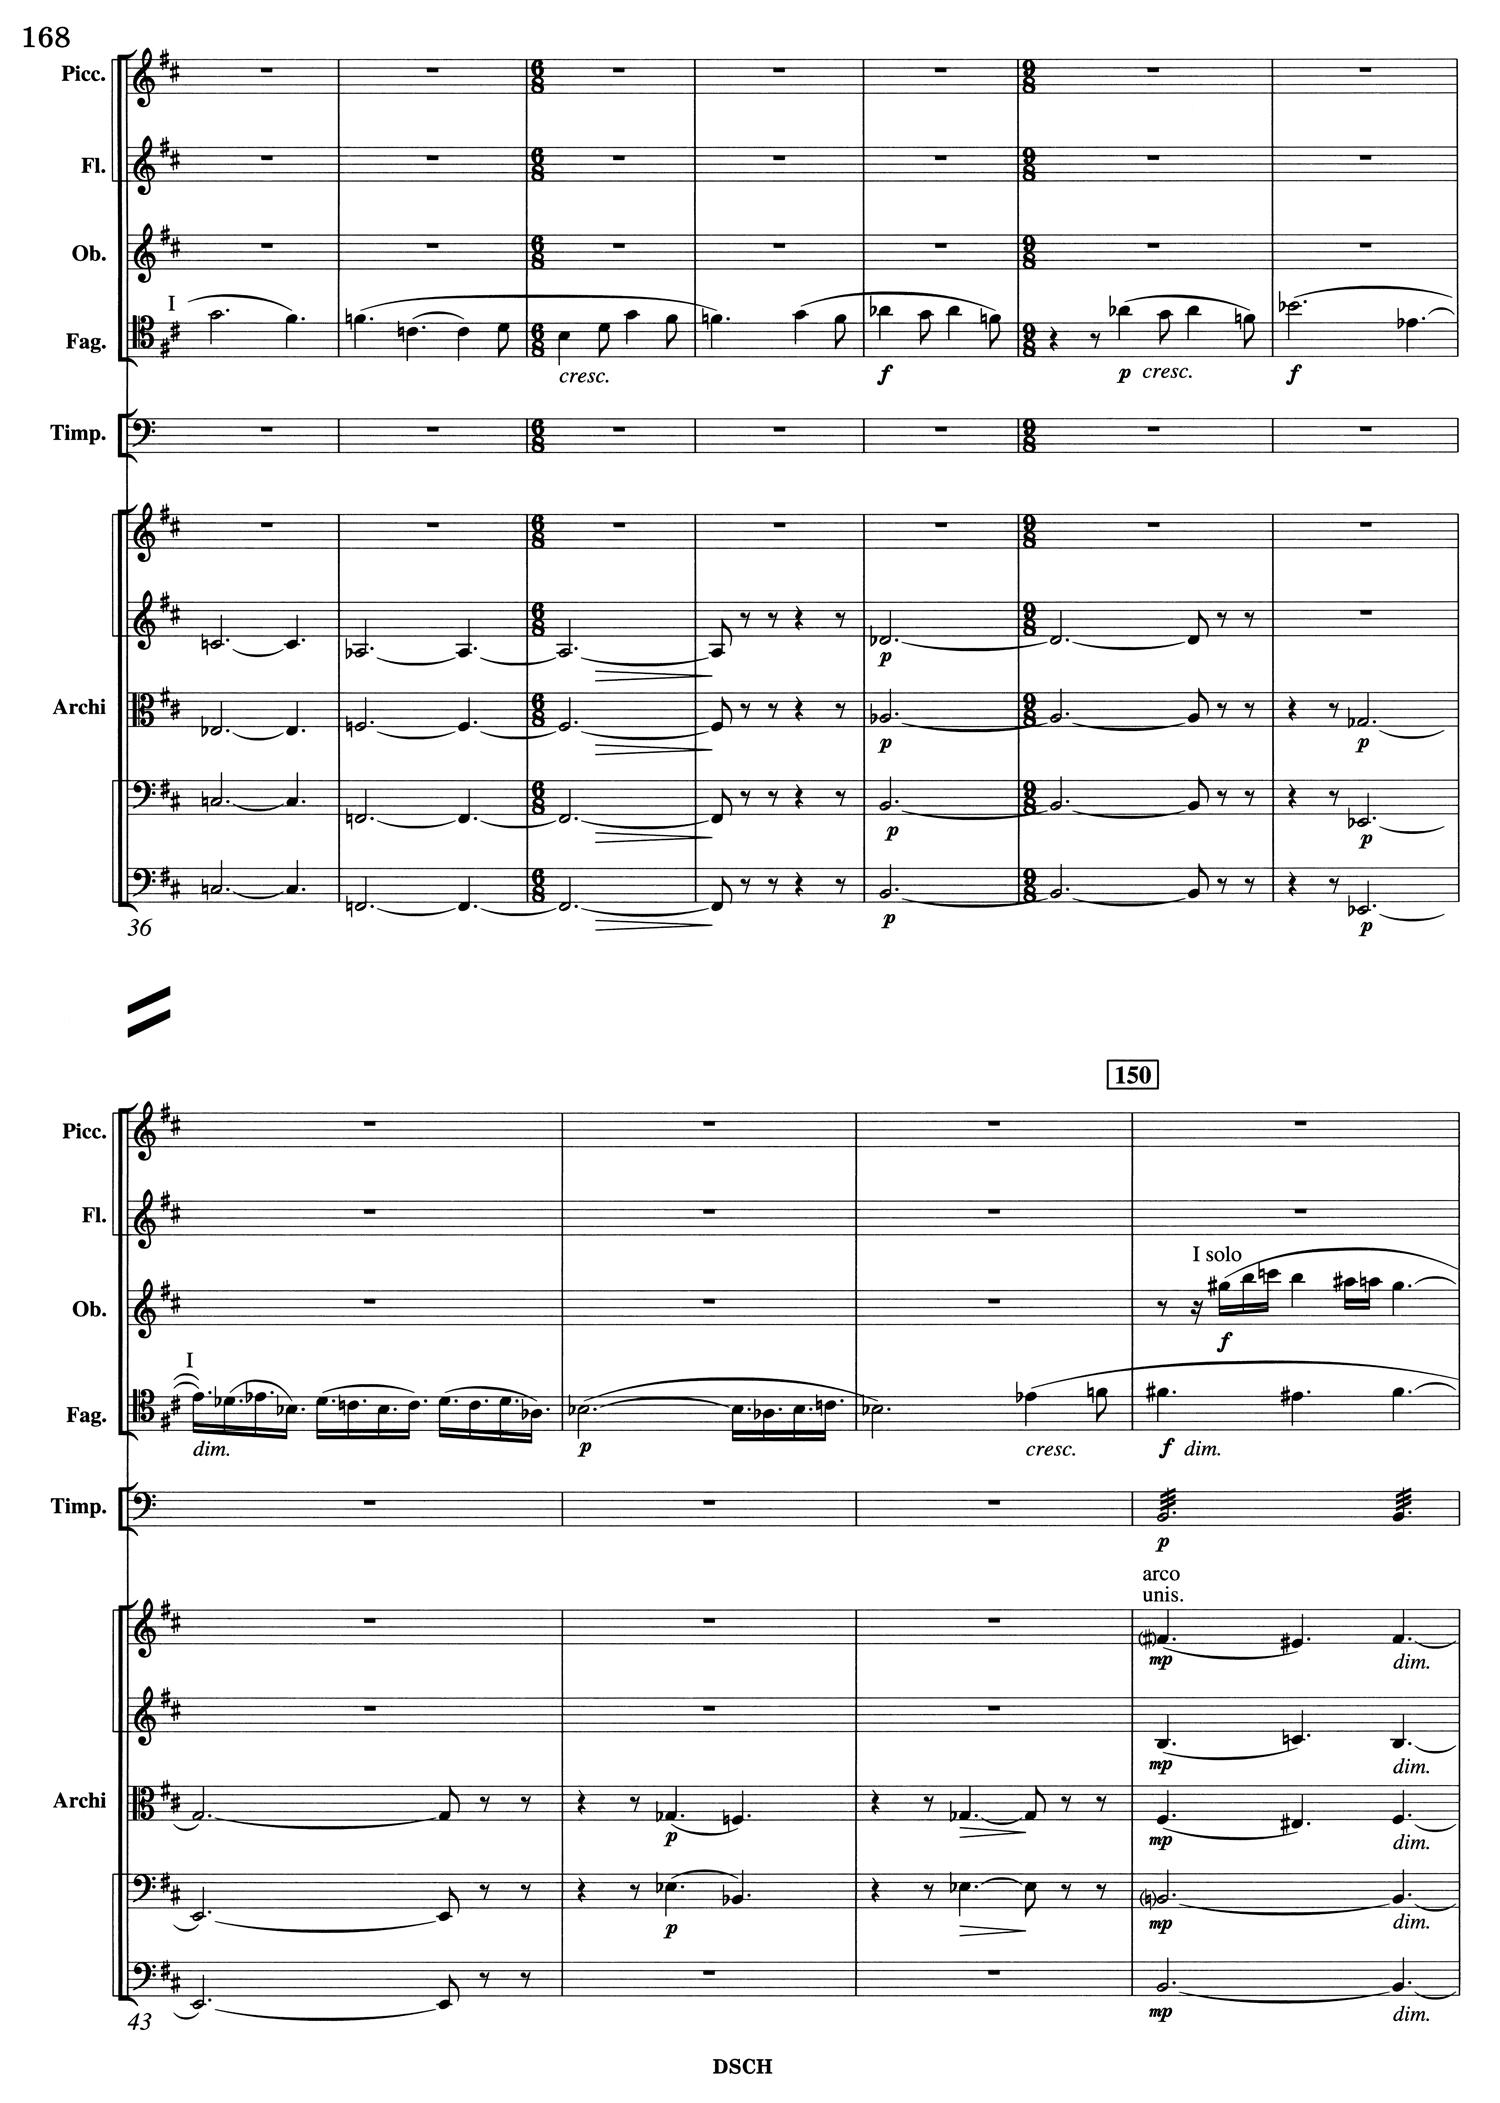 Shostakovich 10 Mvt 4 Score Page 2.jpg